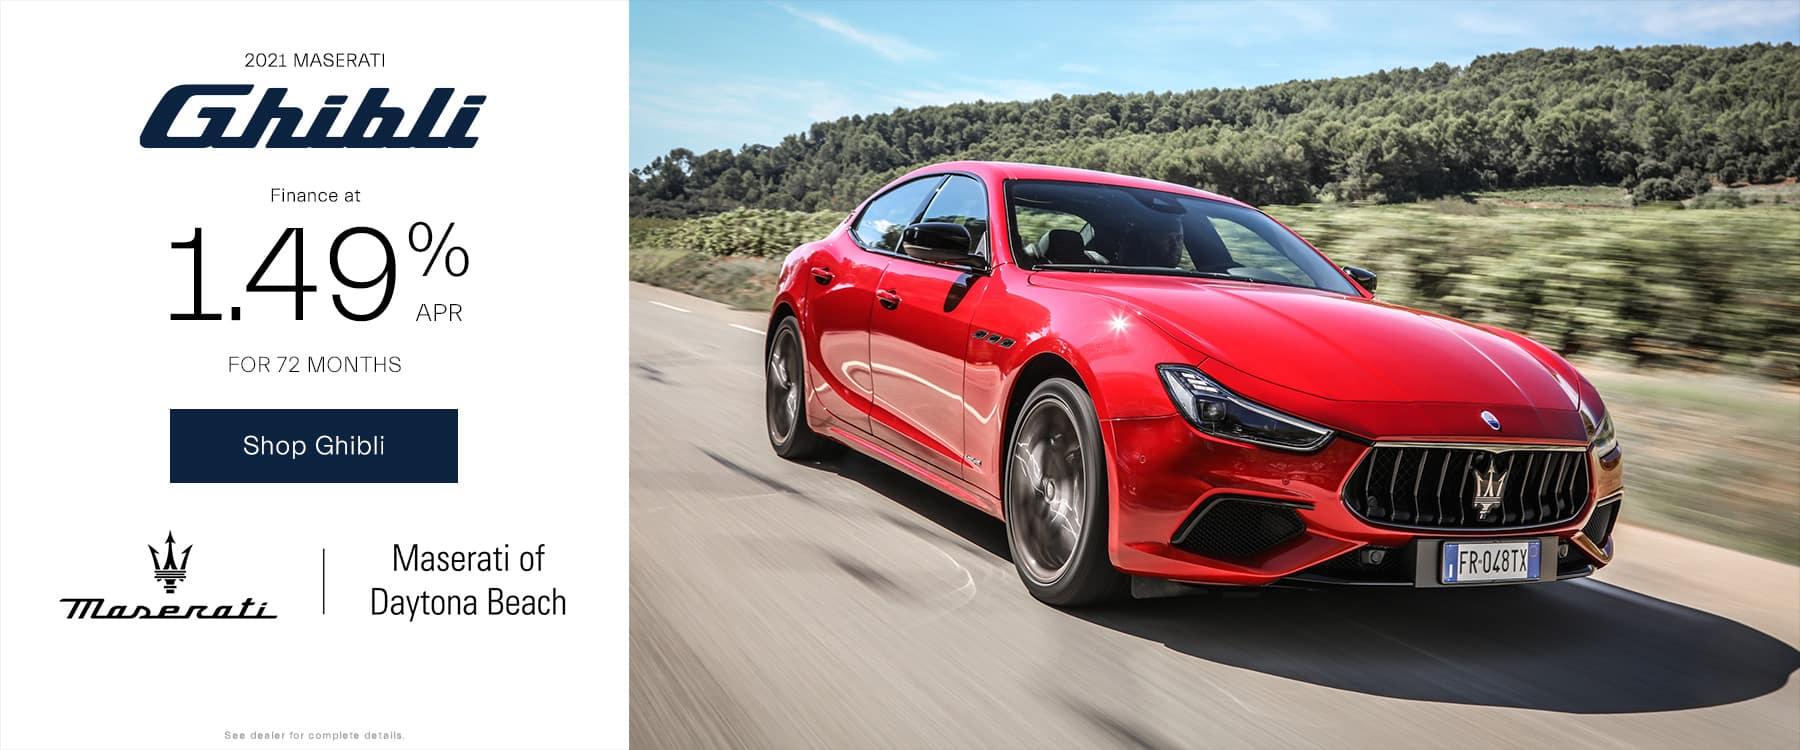 DMAR-2107-Maserati-1800×750-01